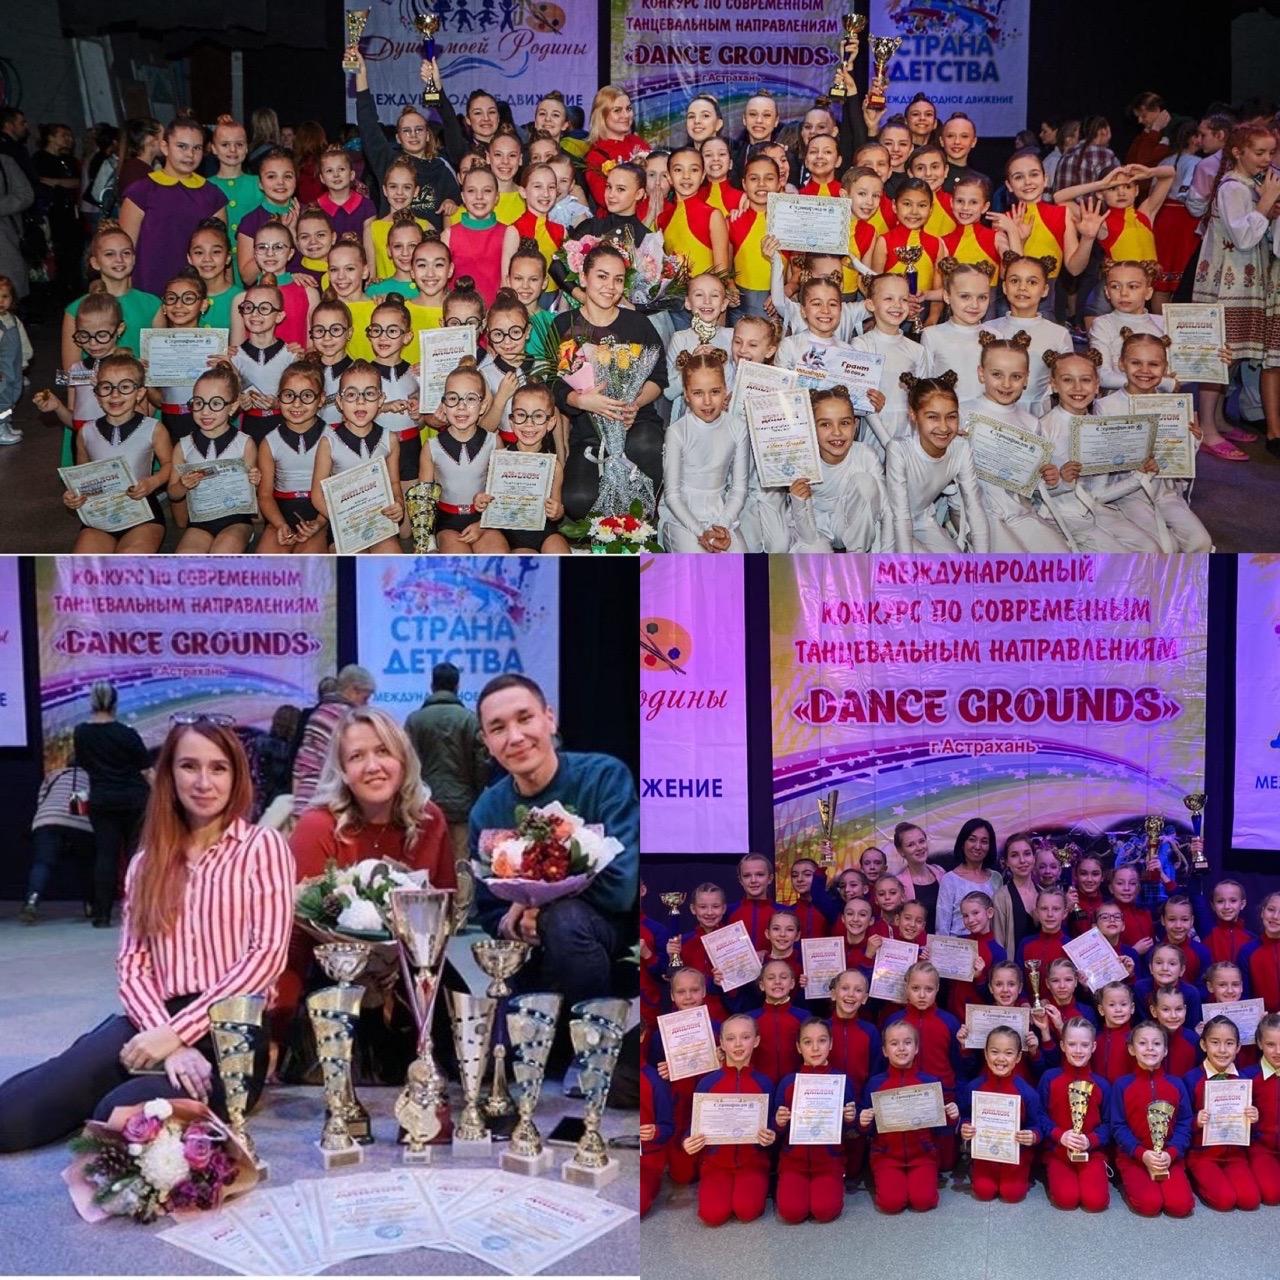 8 декабря 2019г. в Доме творчества «Успех» состоялся X Международный конкурс по современным танцевальным направлениям